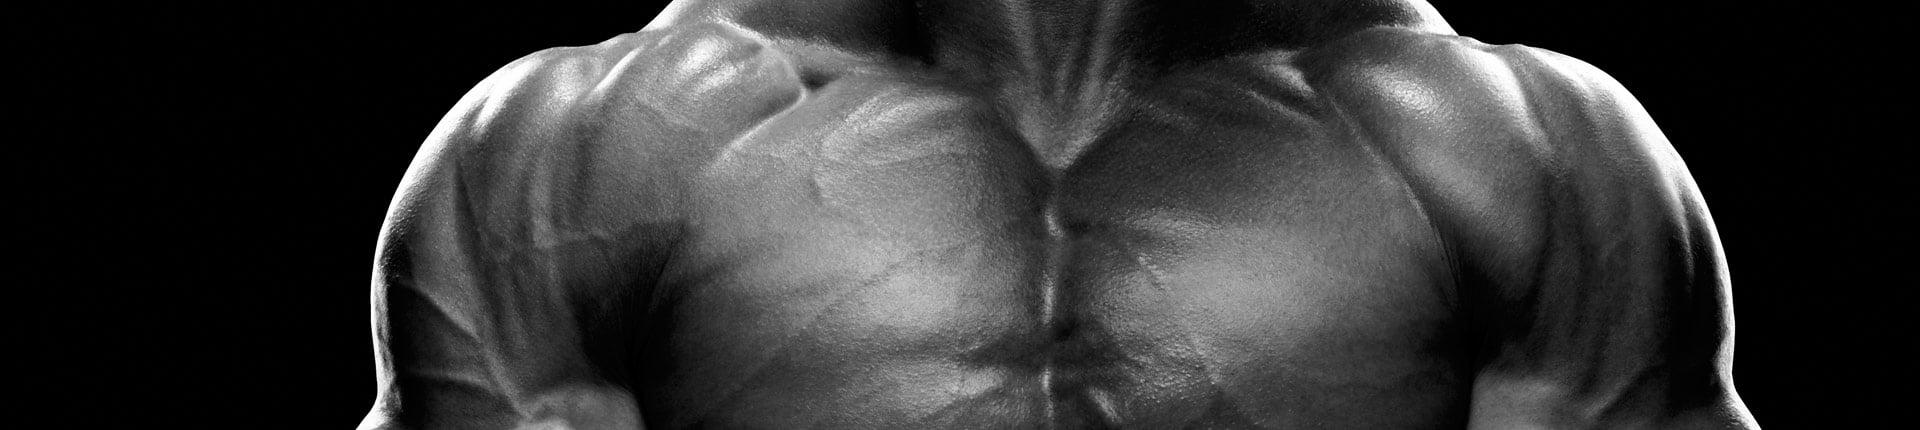 Ciemna strona hormonu wzrostu